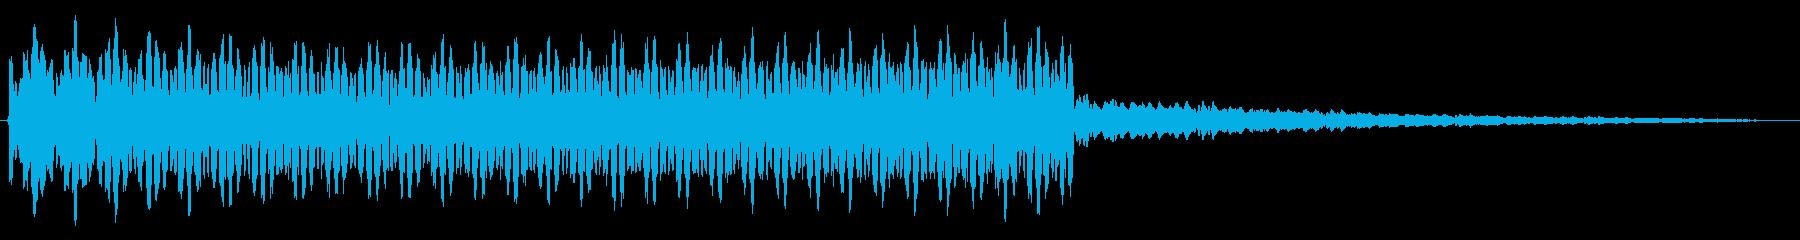 ピューン、ウィーン(メーター上昇音)3の再生済みの波形